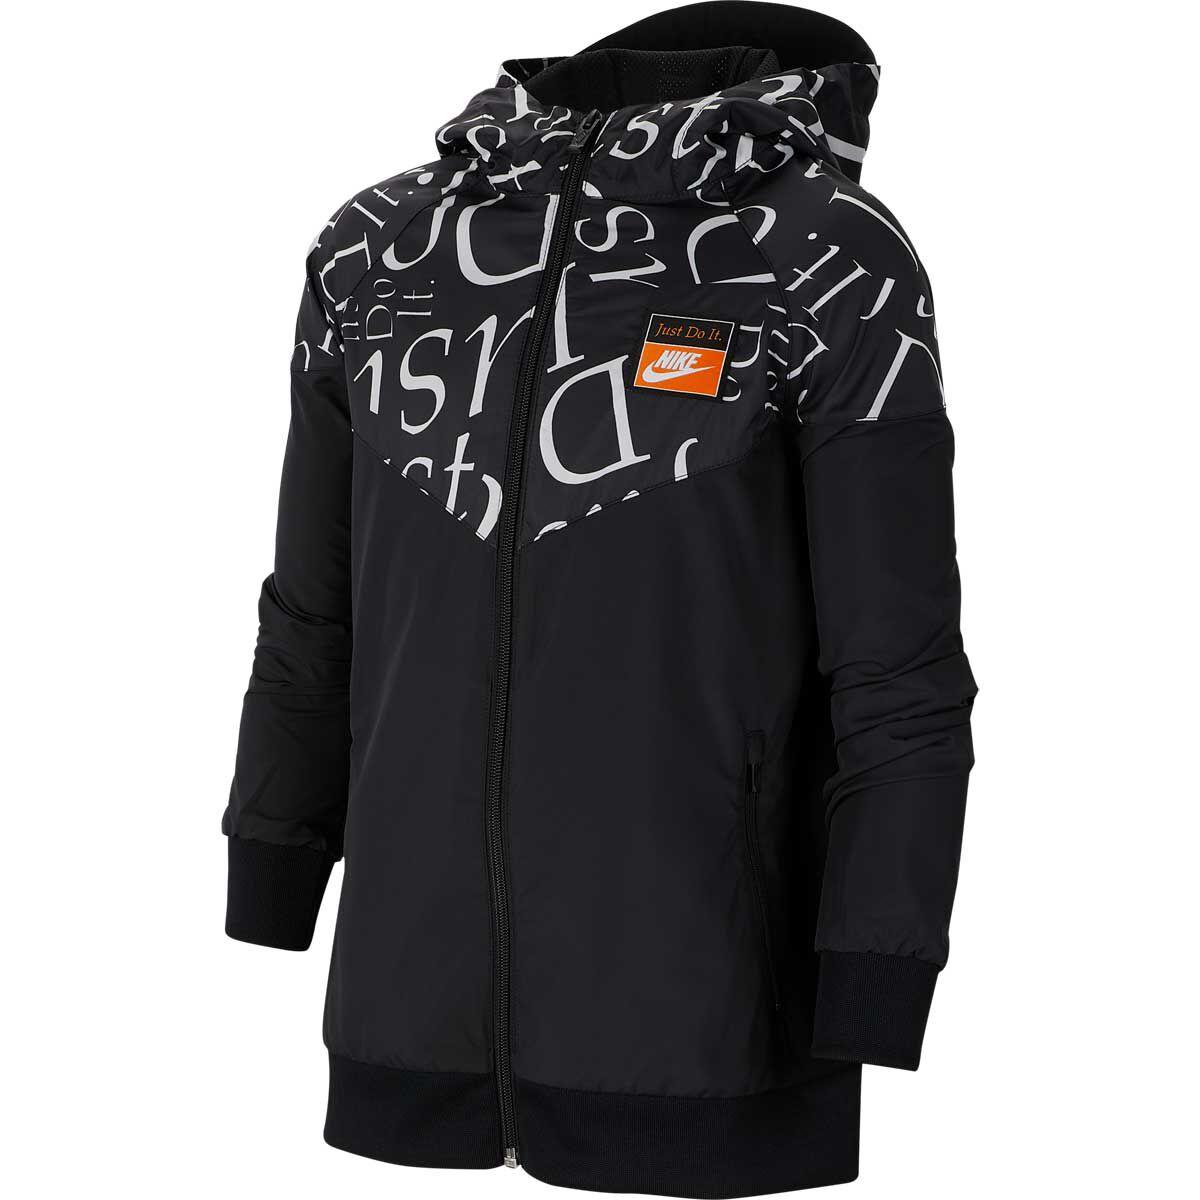 nike windrunner womens jacket windbreaker hoodie black white